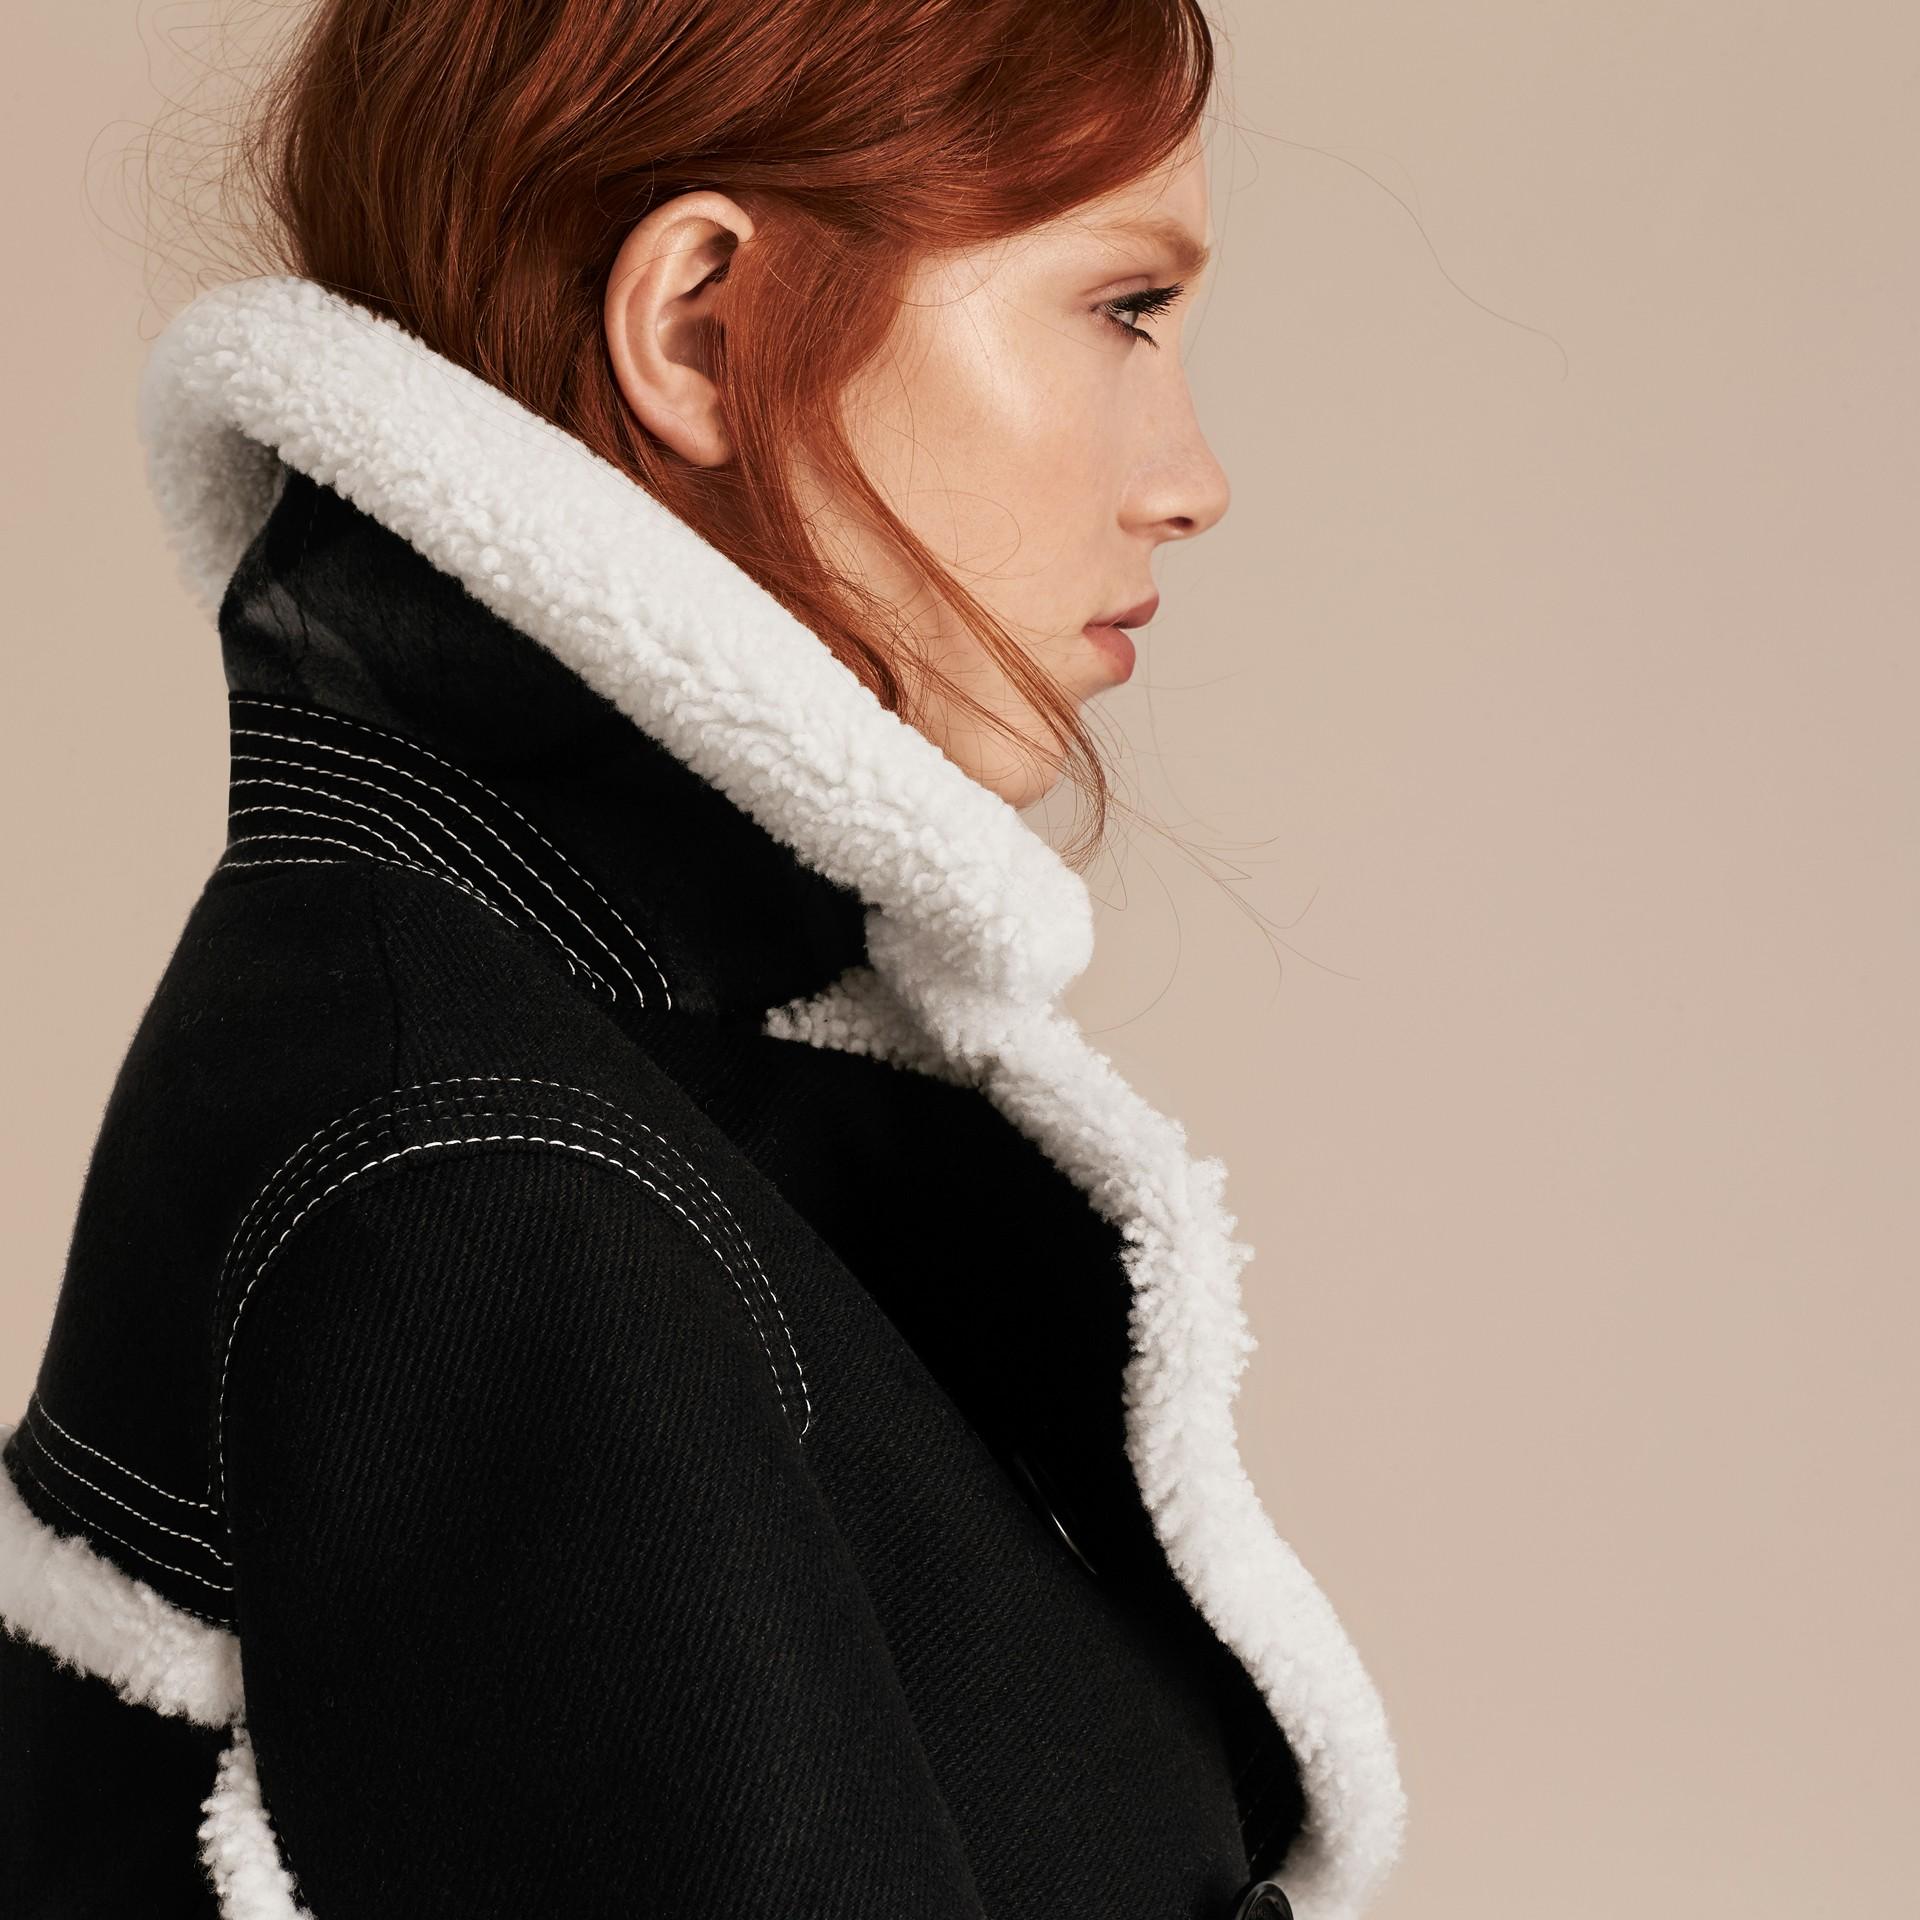 Nero Pea coat in misto lana e cashmere con finiture in shearling - immagine della galleria 5